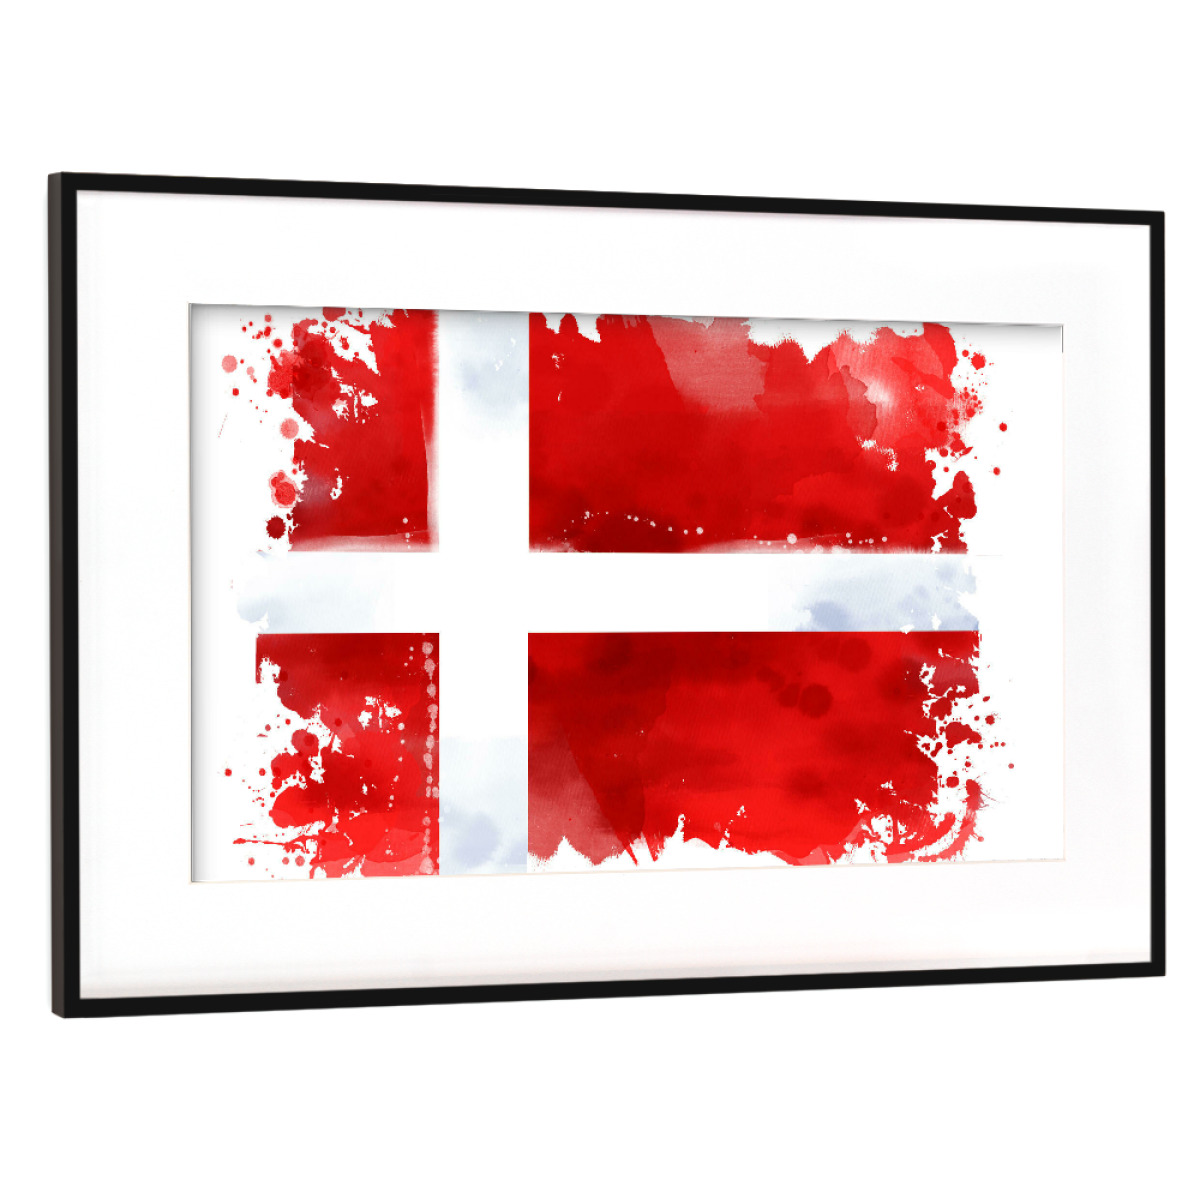 Flagge Dänemark als Gerahmt bei artboxONE kaufen